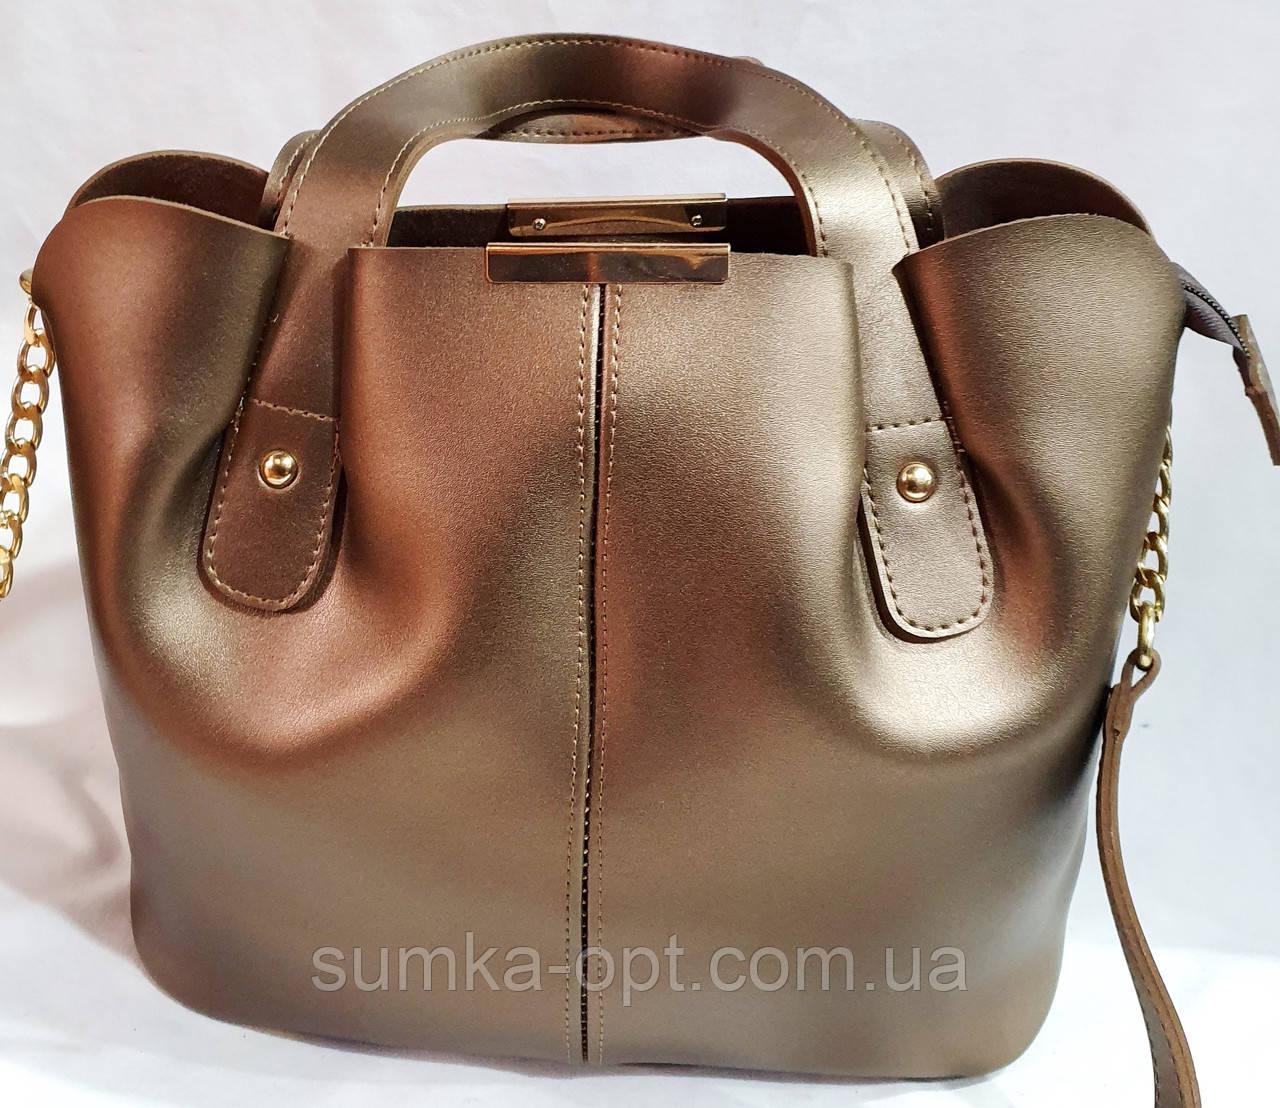 Женская сумка из качественной эко-кожи украинского производства 30*27 см (бронза) расспродажа